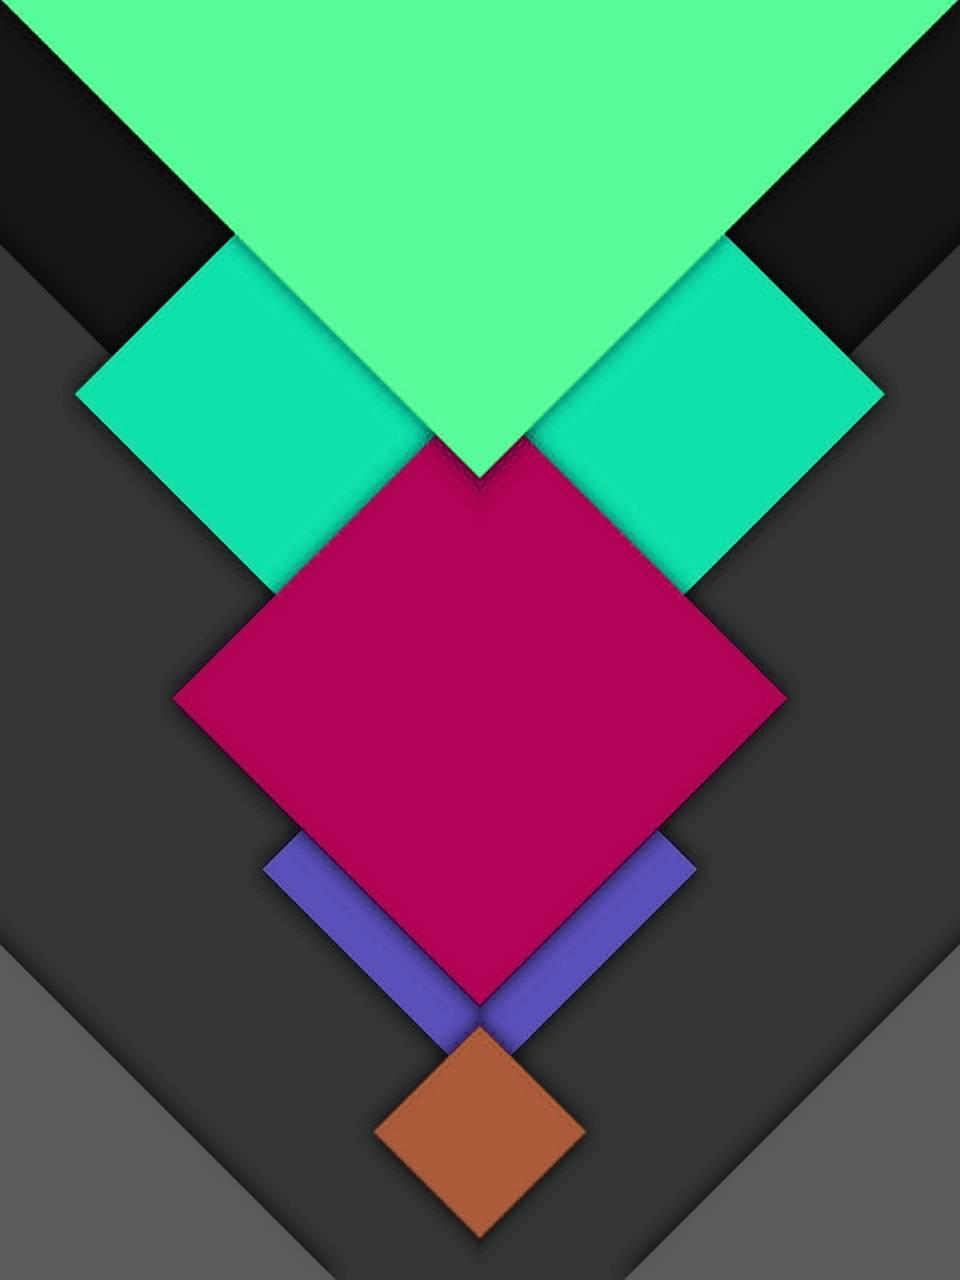 Material design 55